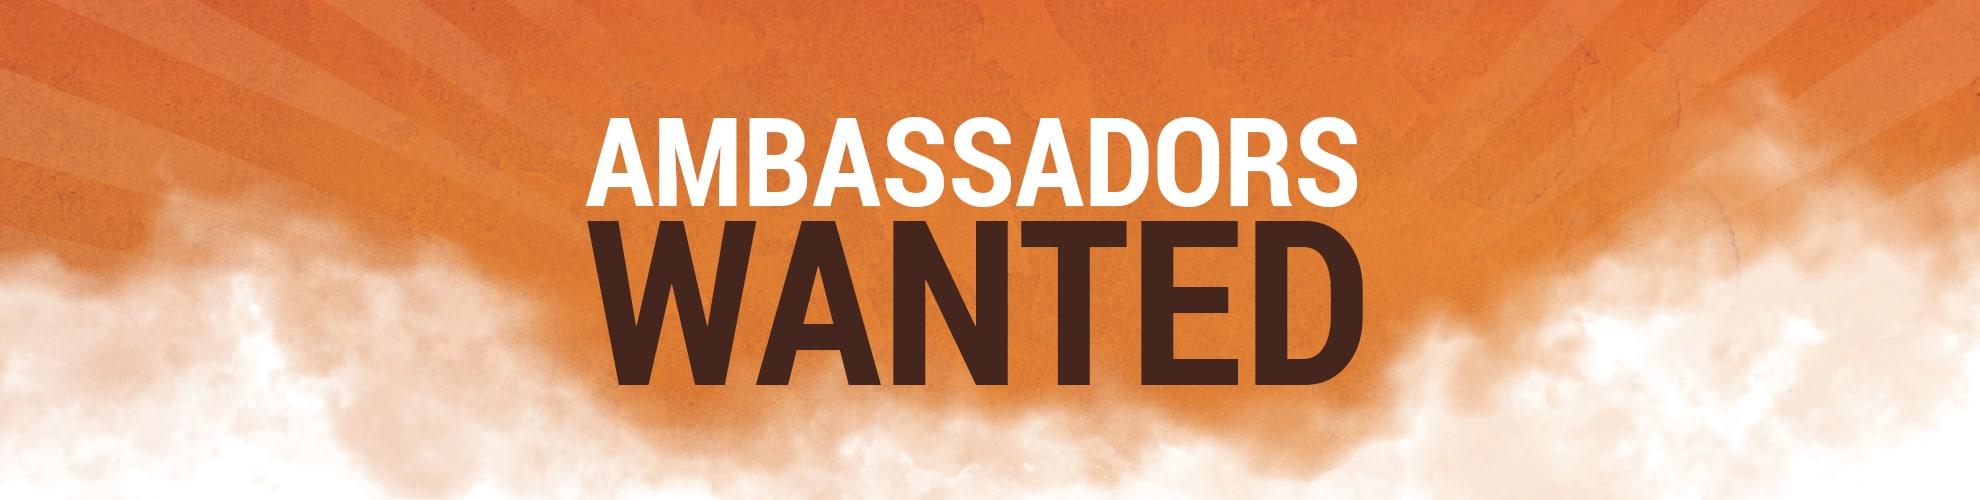 Ambassador Wanted (1)